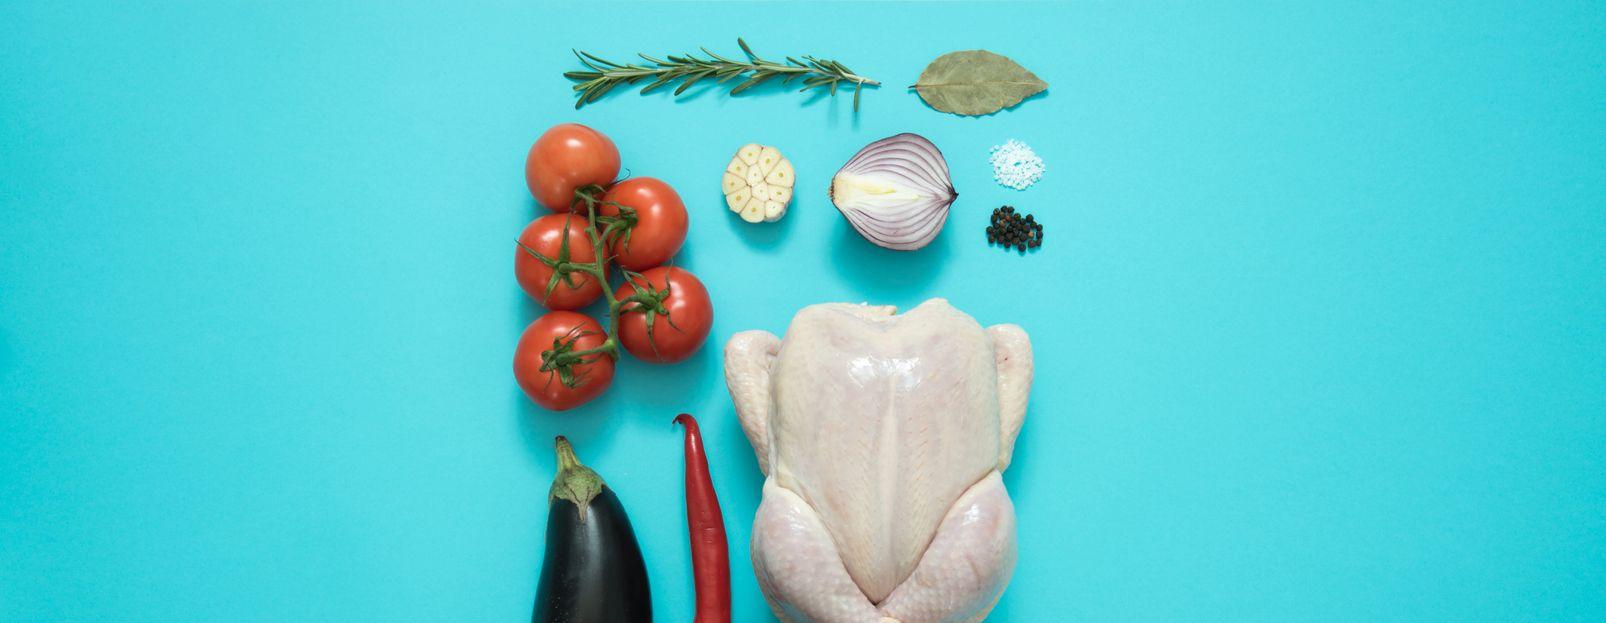 ¿Qué es una intoxicación alimentaria y cuál es su tratamiento? - Featured image